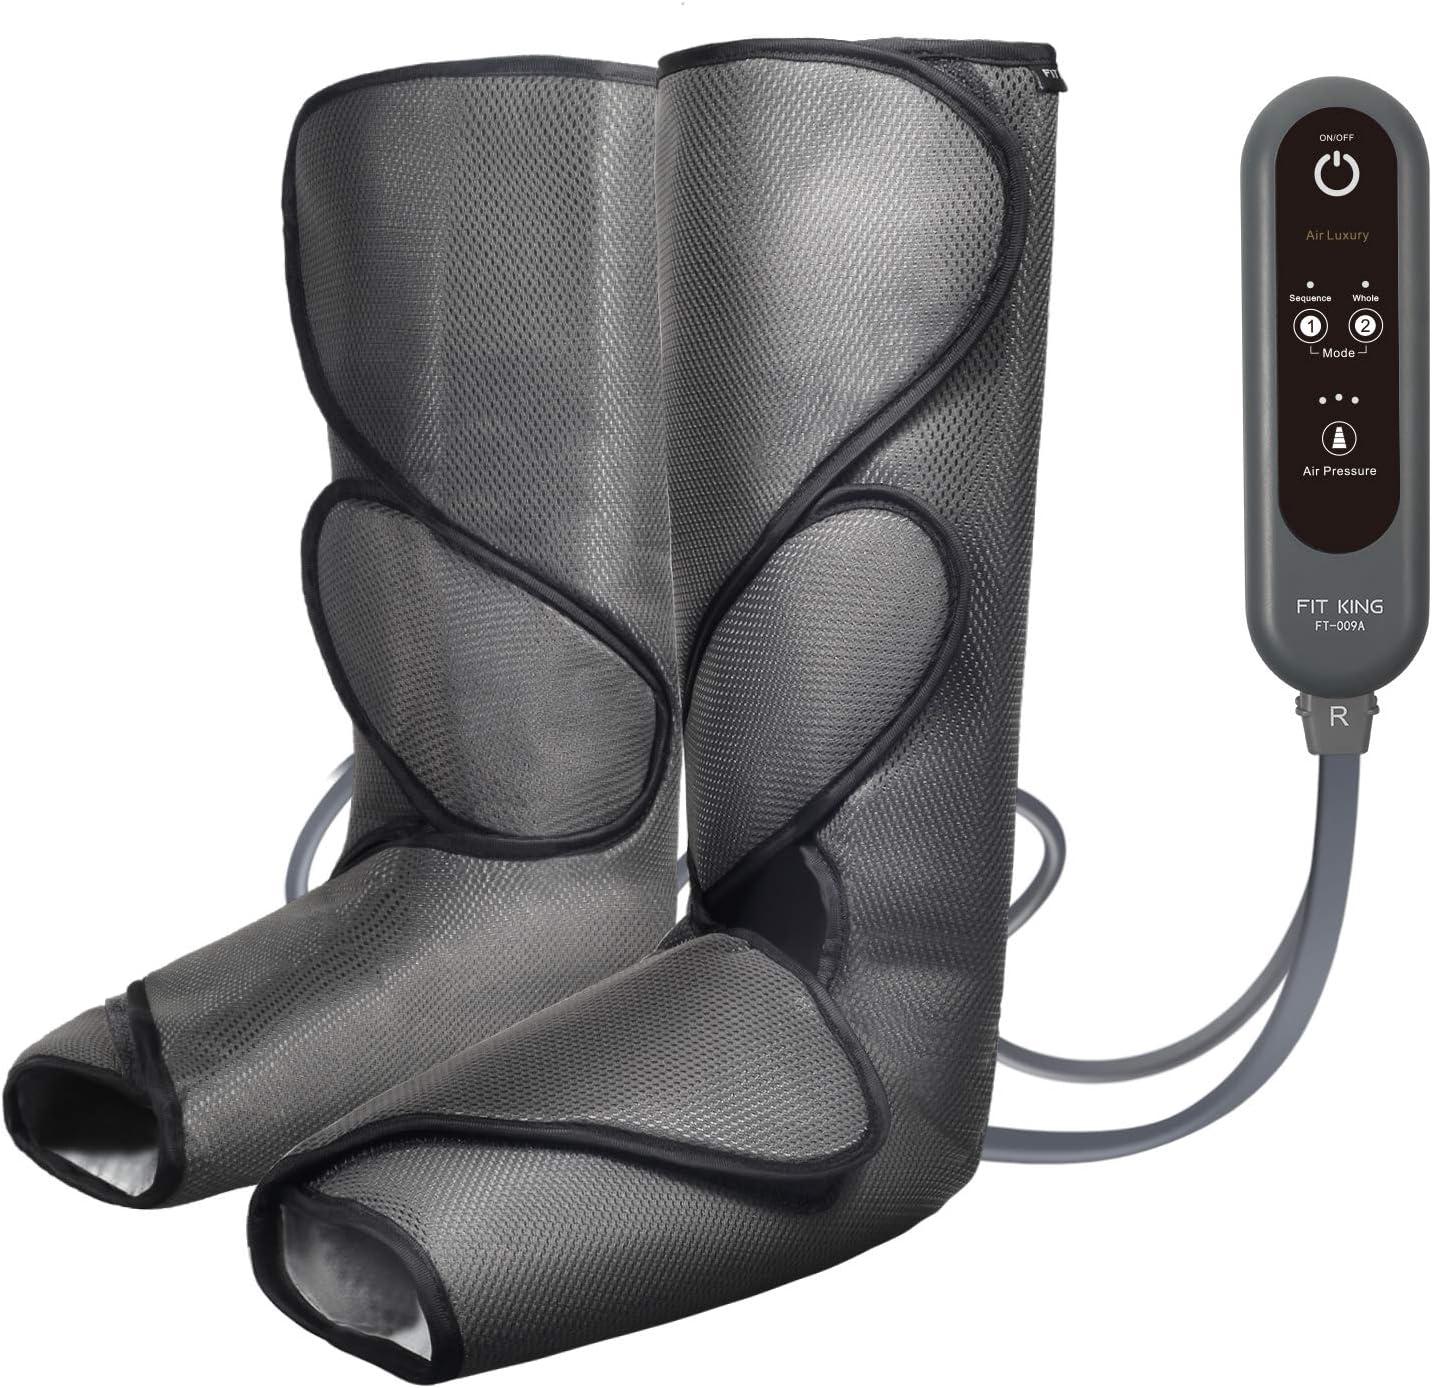 FIT KING Masajeador de Pies y Piernas con 2 Modos y 3 Intensidades de Compresión de Aire Útil para la Circulación Corporal y la Relajación (con 2 Extensiones)